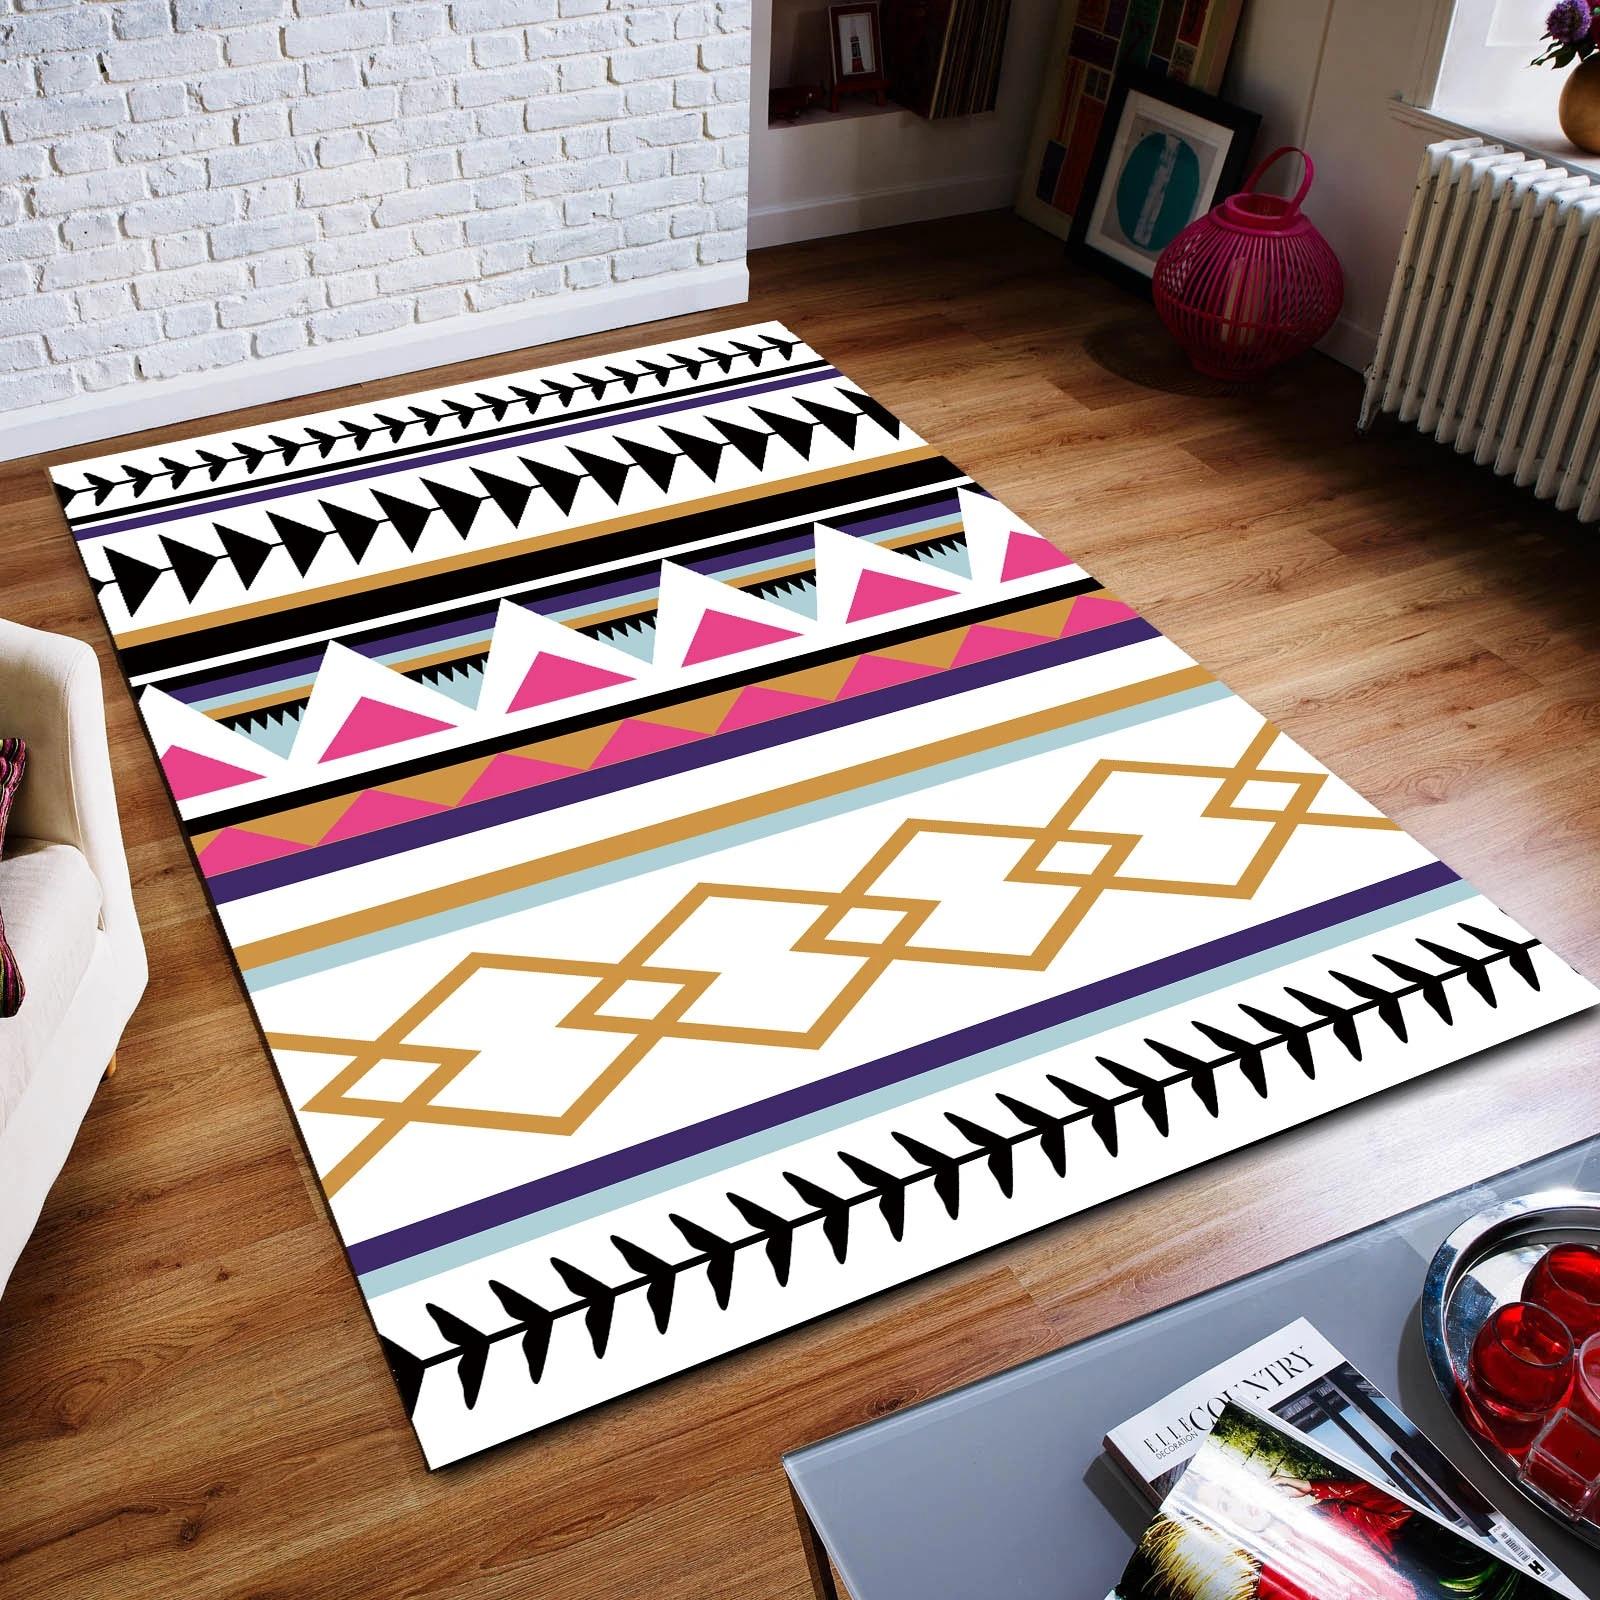 style nordique motif geometrique grande zone tapis pour salon salle d etude tapis maison moderne antiderapant grande taille tapis 200 300cm